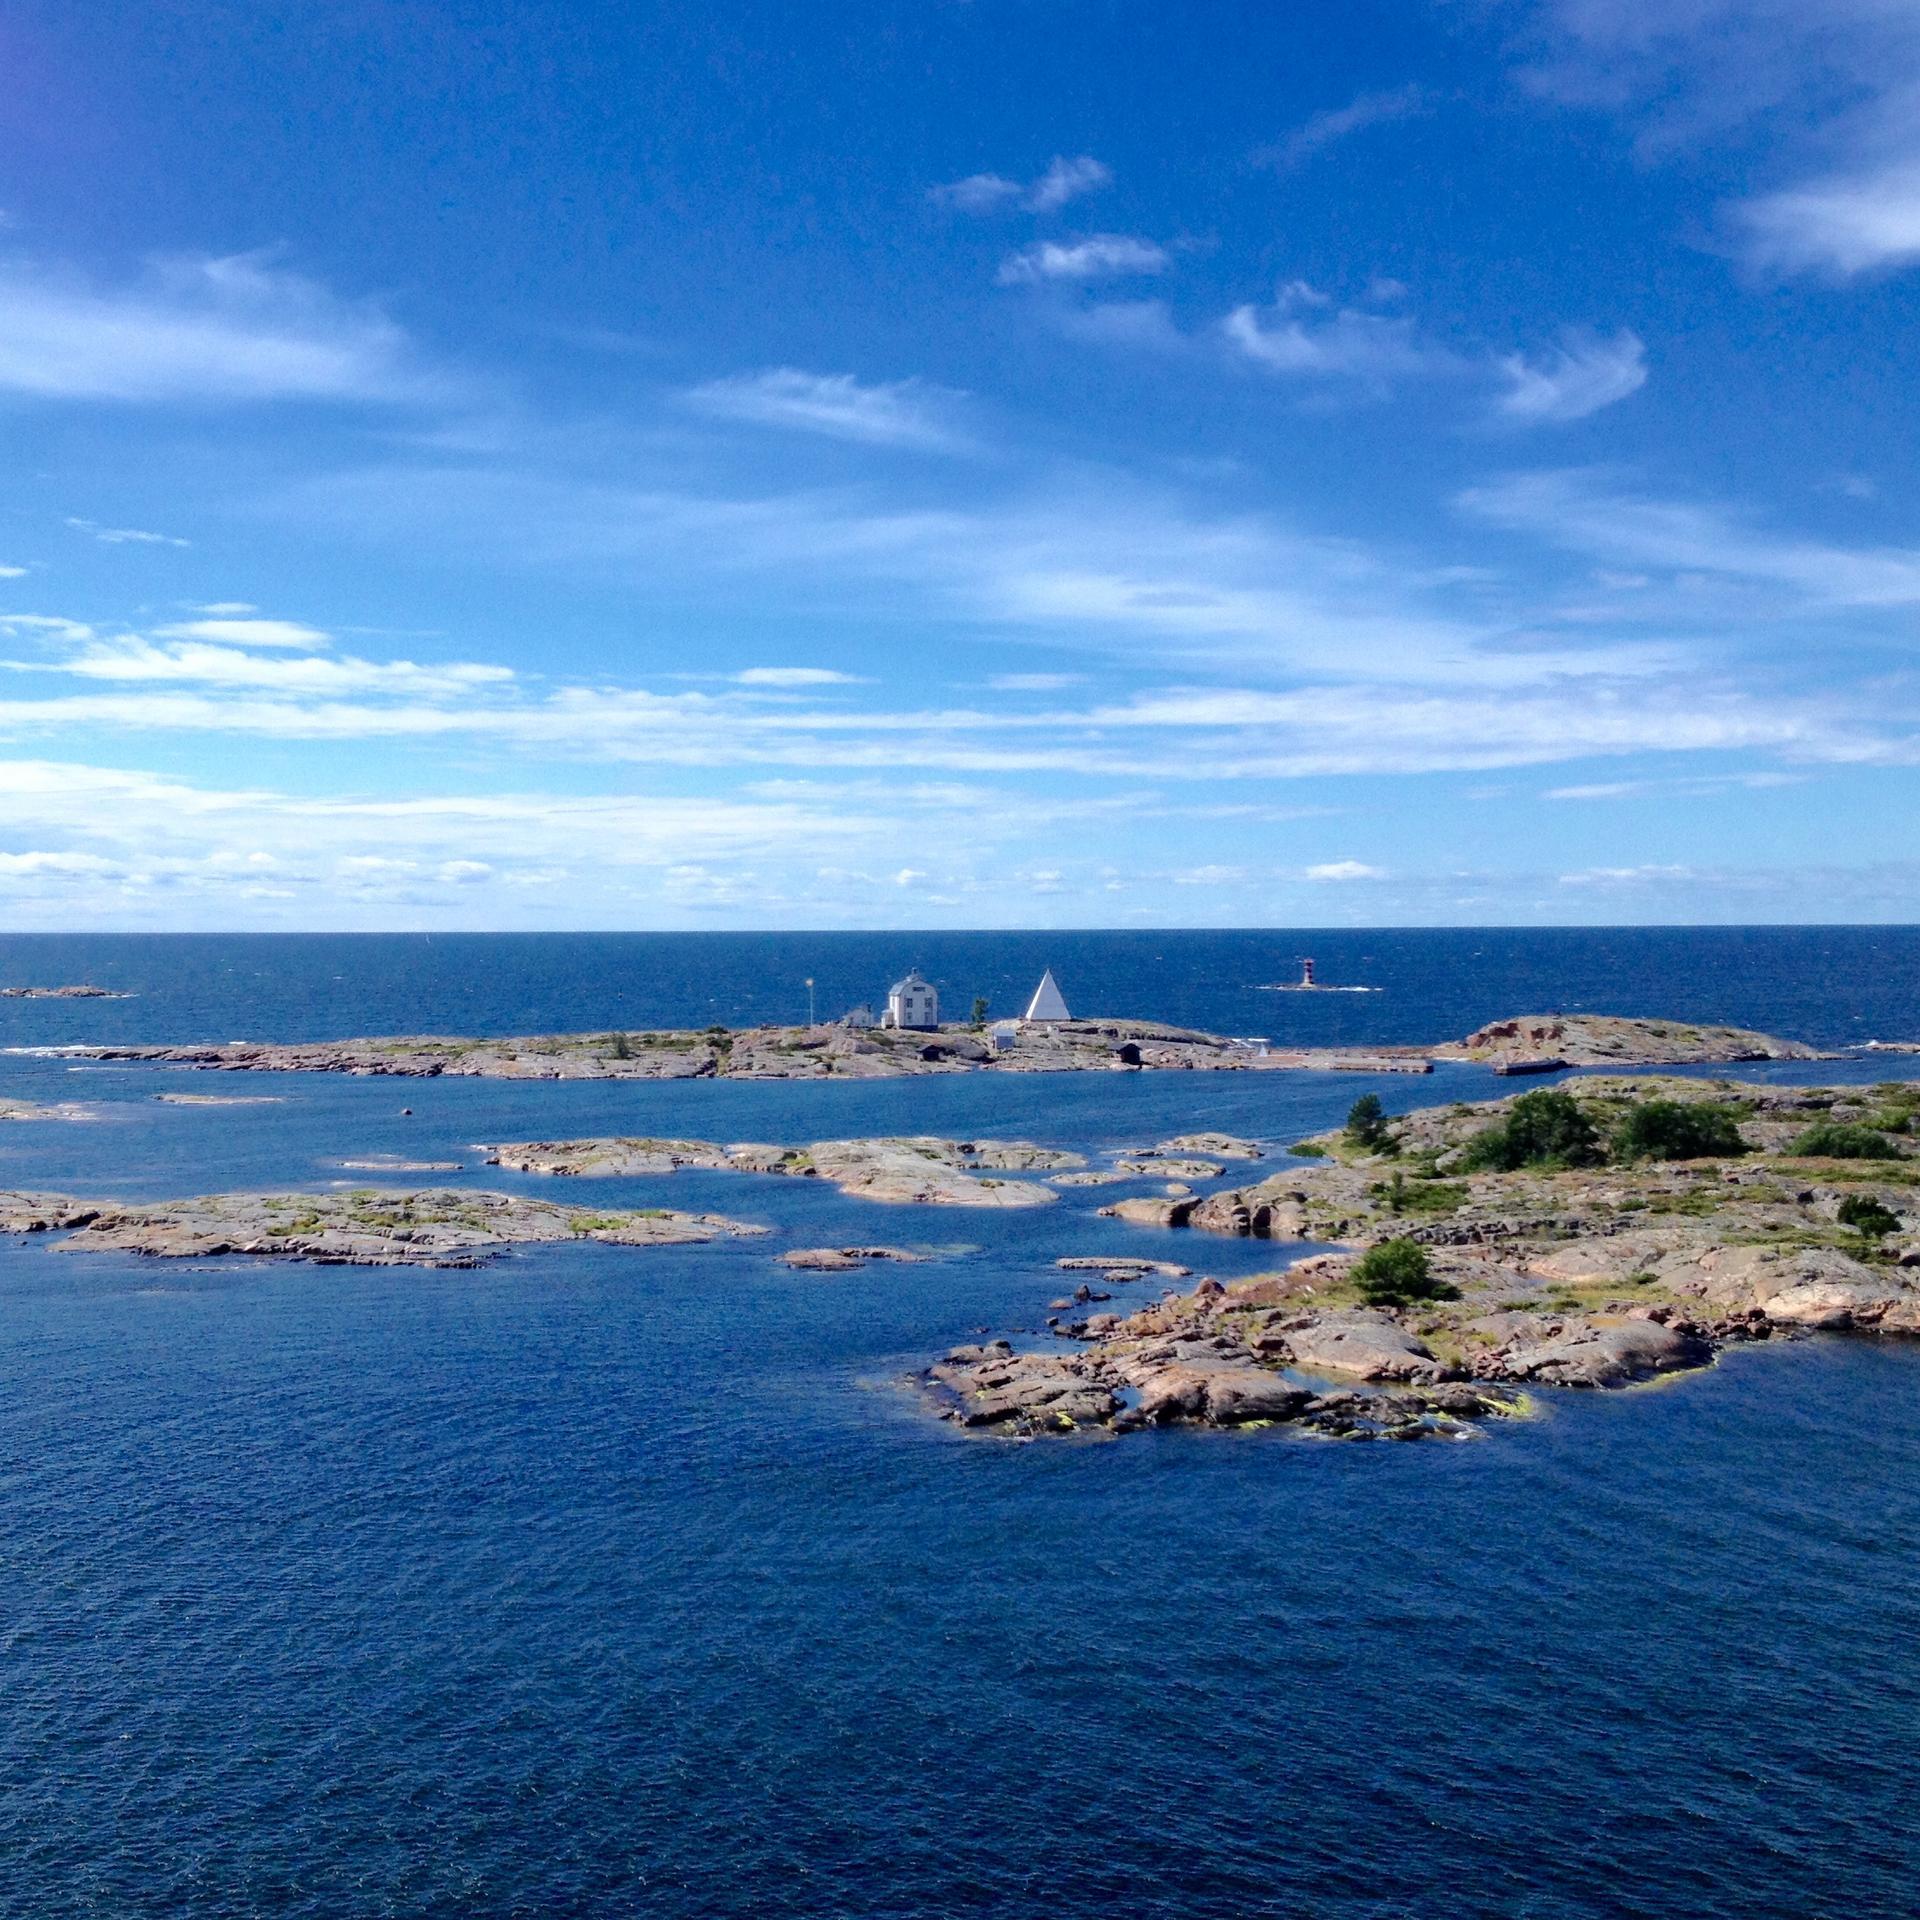 """Kobba Klintar, vanha luotsiasema ja ahvenanmaalaisten """"vapaudenpatsas"""". Kuva: Anna Herlin"""